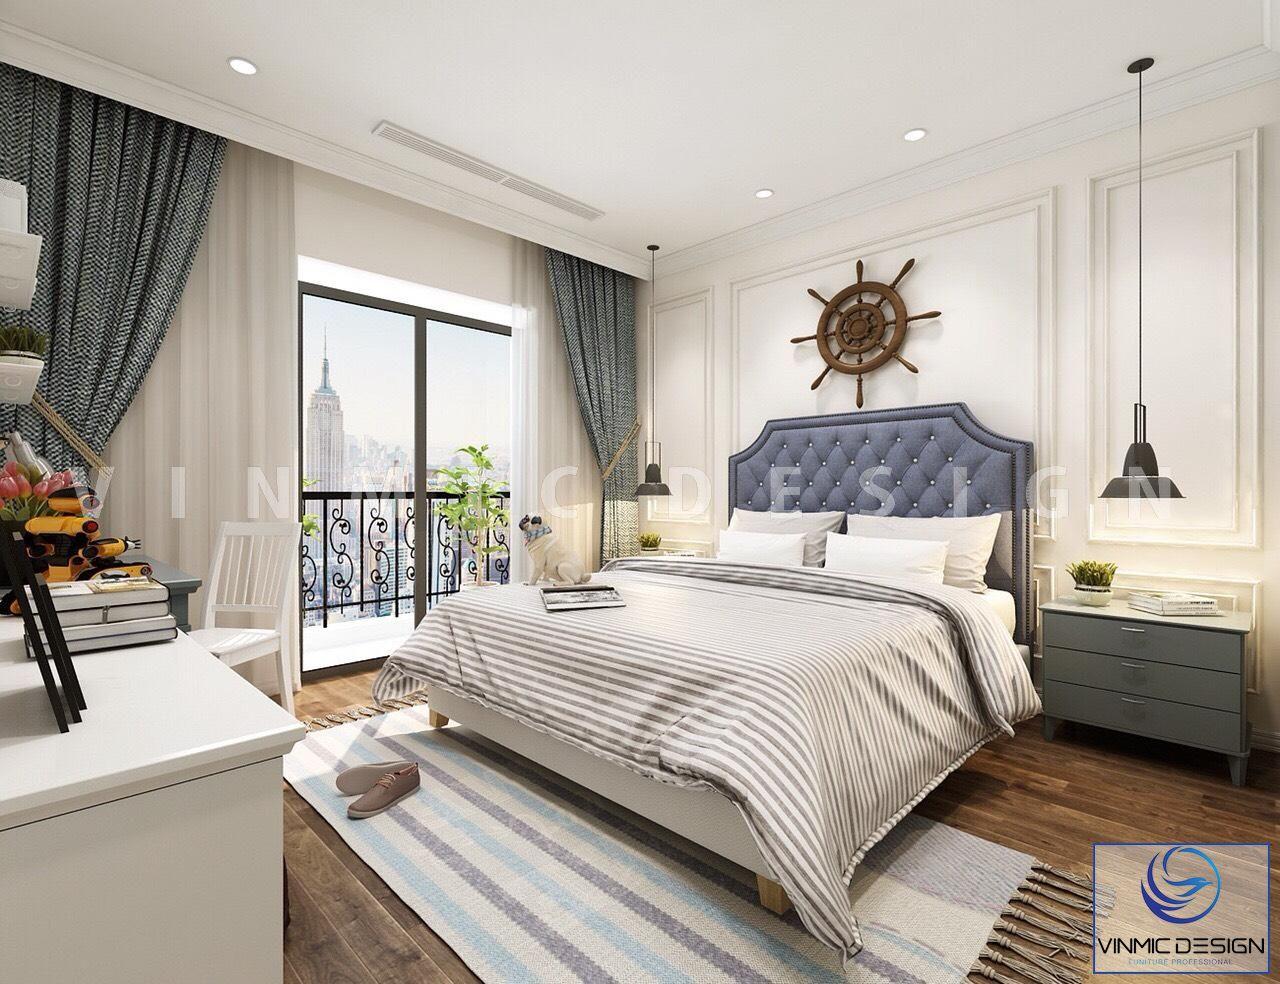 Phối các màu trung tính tạo cảm giác mát mẻ, tươi mới cho phòng ngủ bé trai tại biệt thự Vinhomes Imperia Hải Phòng